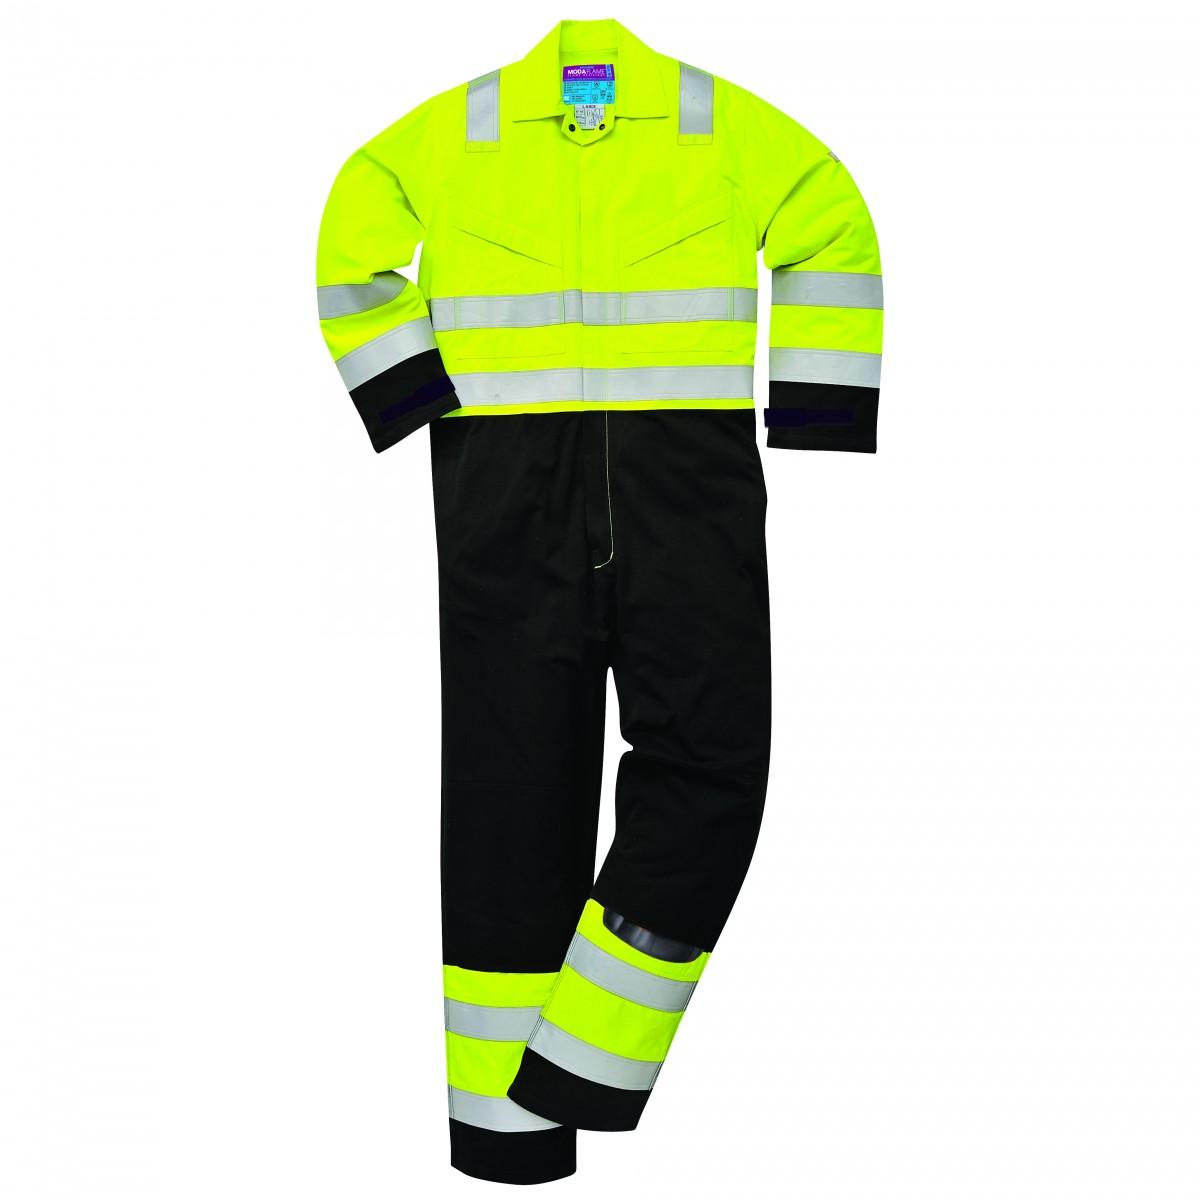 MODAFLAME Flammschutz Warnschutz Overall